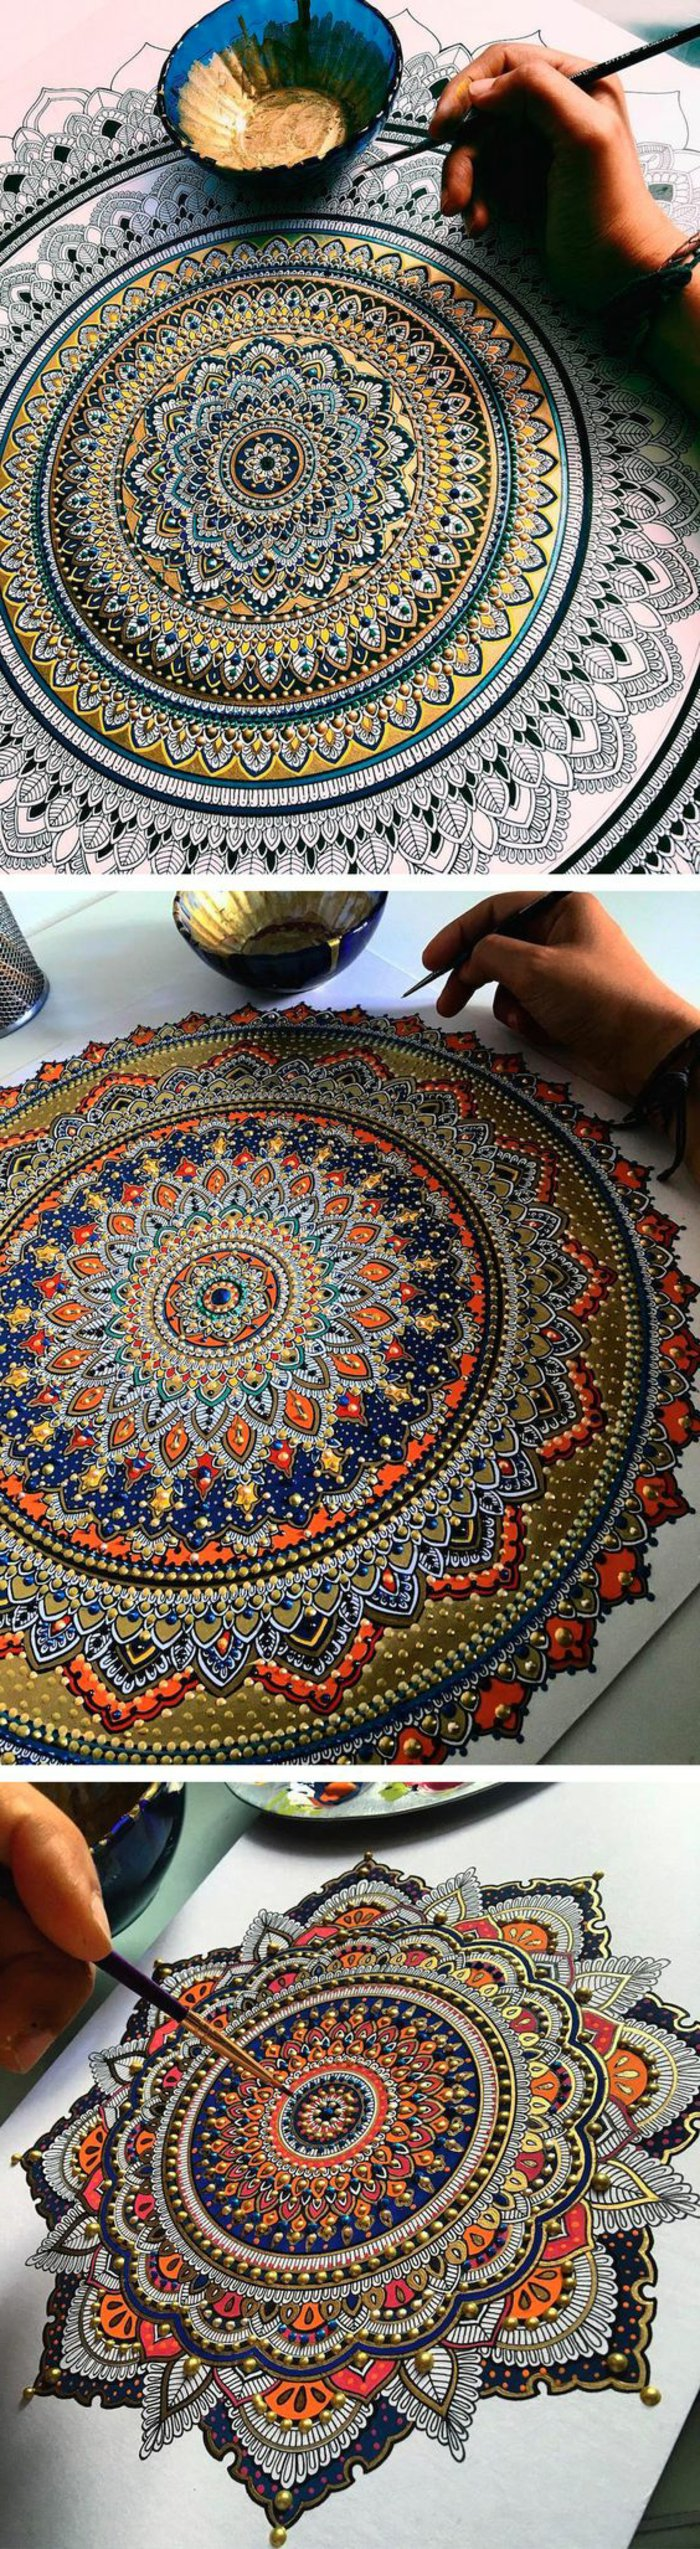 riesige Mandalas mit Wasserfarben ausmalen, verschiedene Mandalas mit verschiedenen Farben